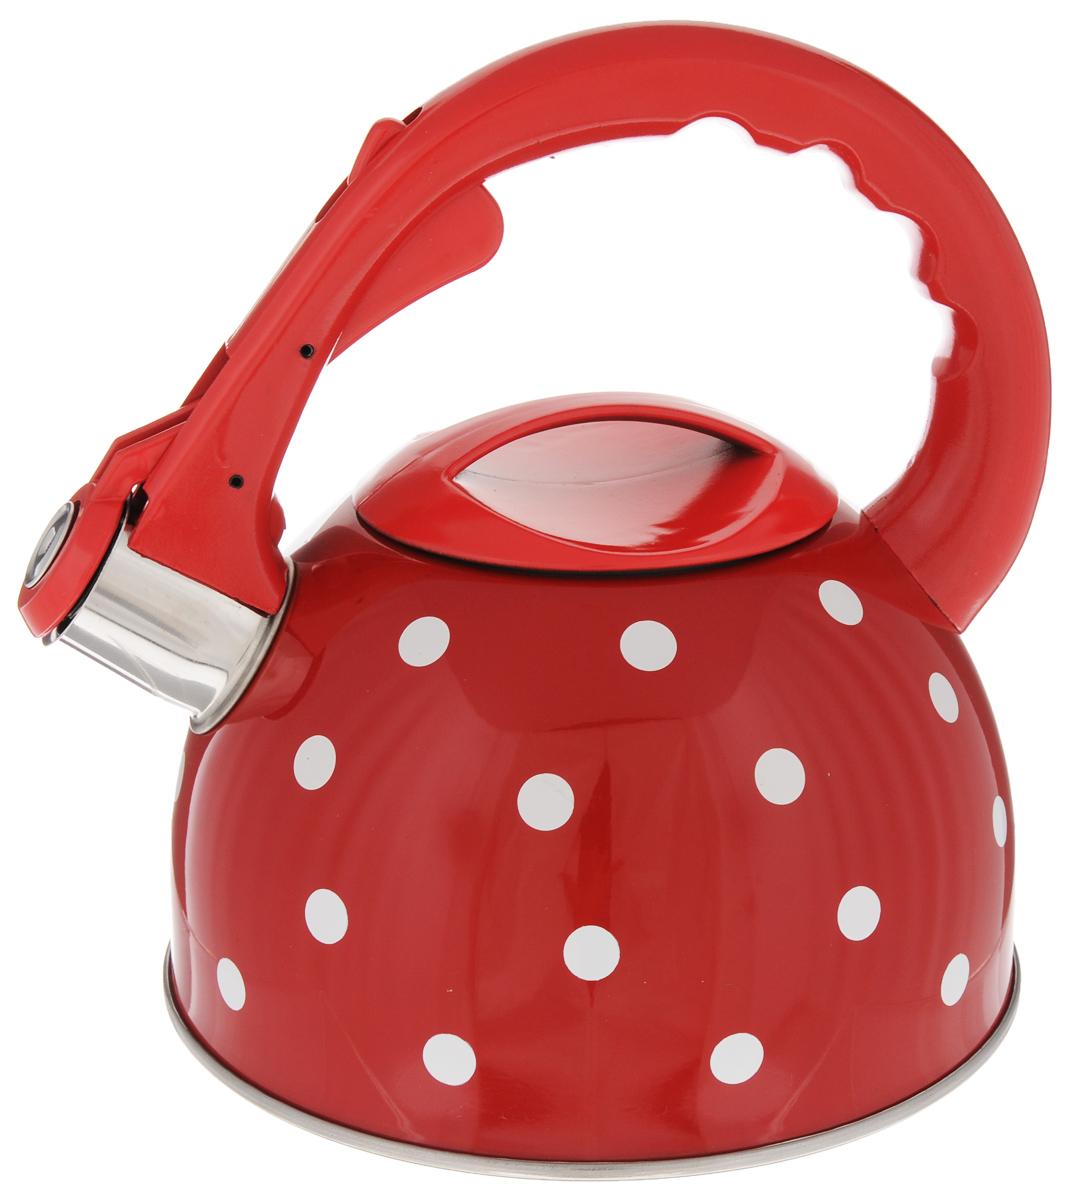 Чайник Mayer & Boch Горох, со свистком, 2,5 л. 2604626046Чайник со свистком Mayer & Boch изготовлен из высококачественной нержавеющей стали, что обеспечивает долговечность использования. Носик чайника оснащен откидным свистком, звуковой сигнал которого подскажет, когда закипит вода. Фиксированная ручка, изготовленная из пластика и цинка, снабжена клавишей для открывания носика, что делает использование чайника очень удобным и безопасным. Чайник Mayer & Boch - качественное исполнение и стильное решение для вашей кухни. Подходит для всех типов плит, включая индукционные. Можно мыть в посудомоечной машине. Высота чайника (с учетом ручки): 22,5 см. Высота чайника (без учета ручки и крышки): 12 см. Диаметр чайника (по верхнему краю): 10 см. Диаметр основания: 19 см.